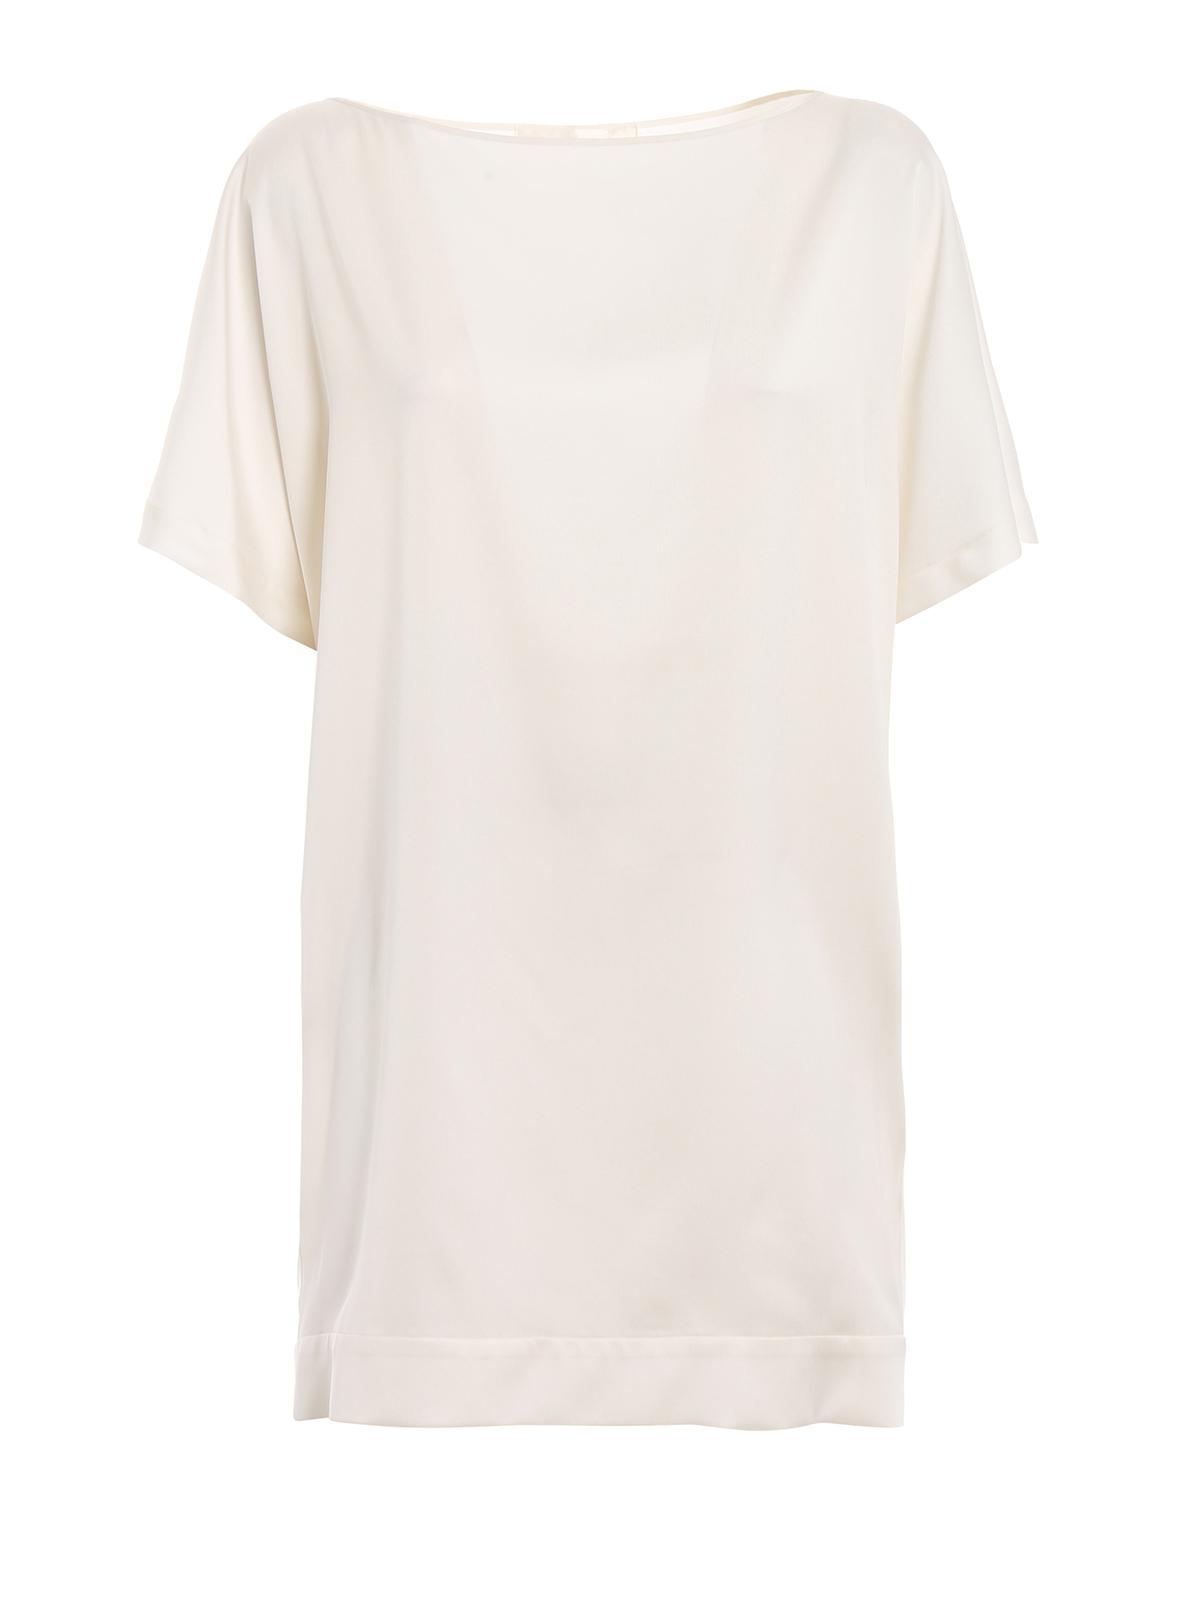 save off 03c10 7e258 Lamberto Losani - Tunica in seta bianca - bluse - 281088 ...